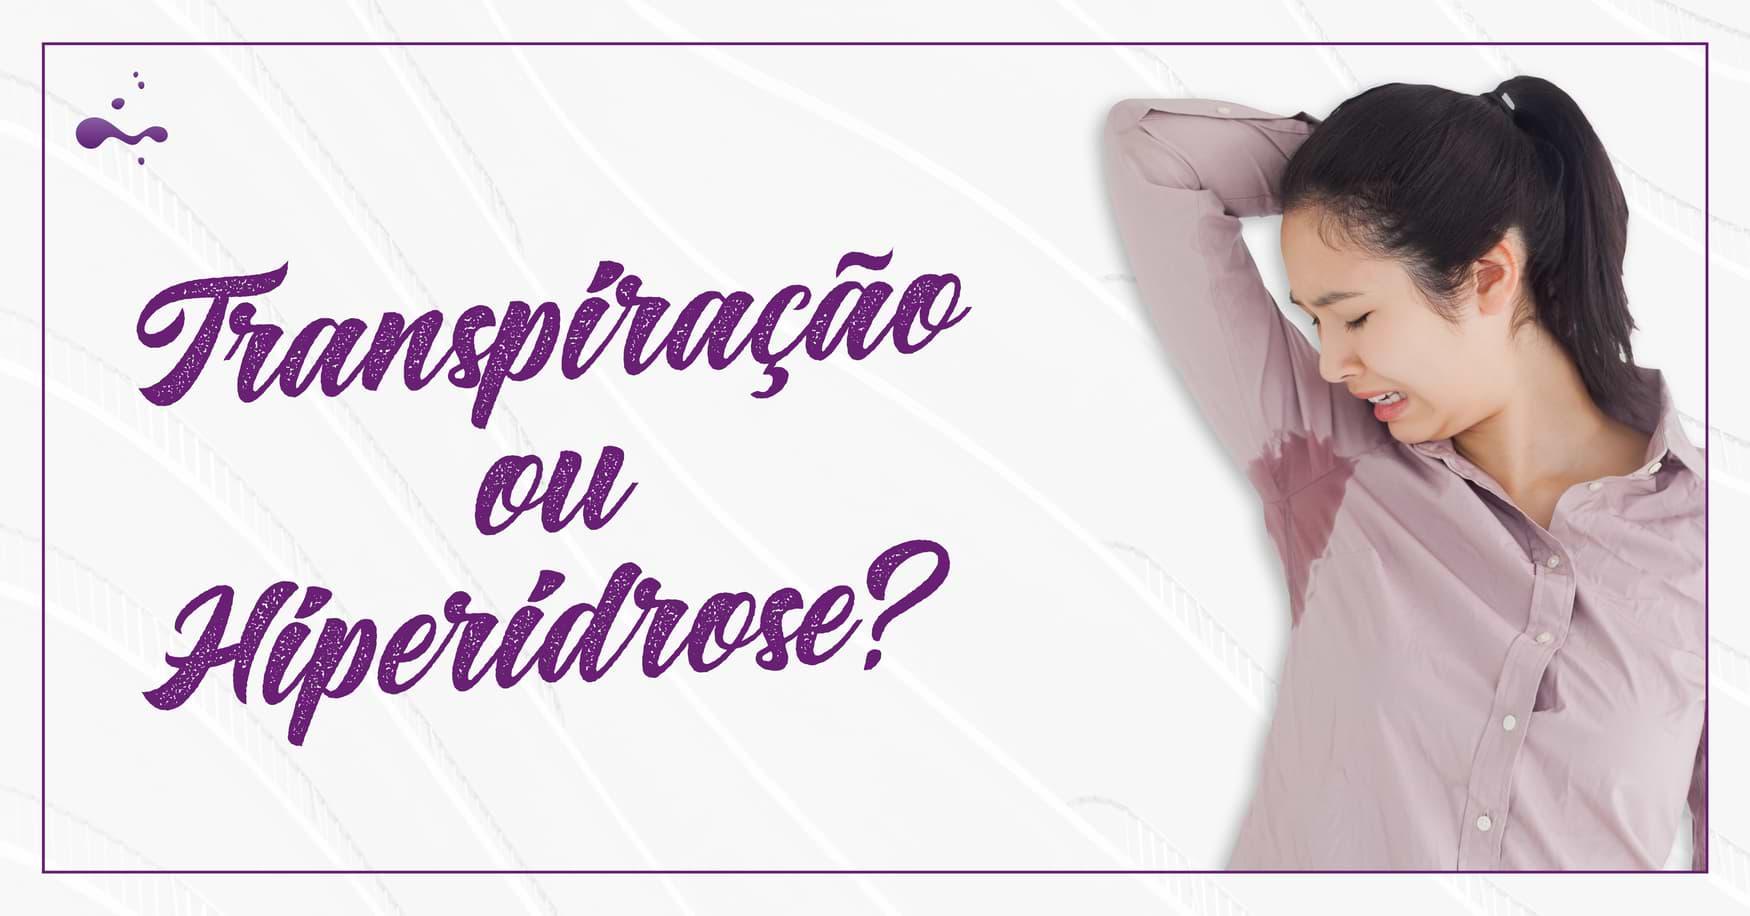 Transpiração ou Hiperidrose?